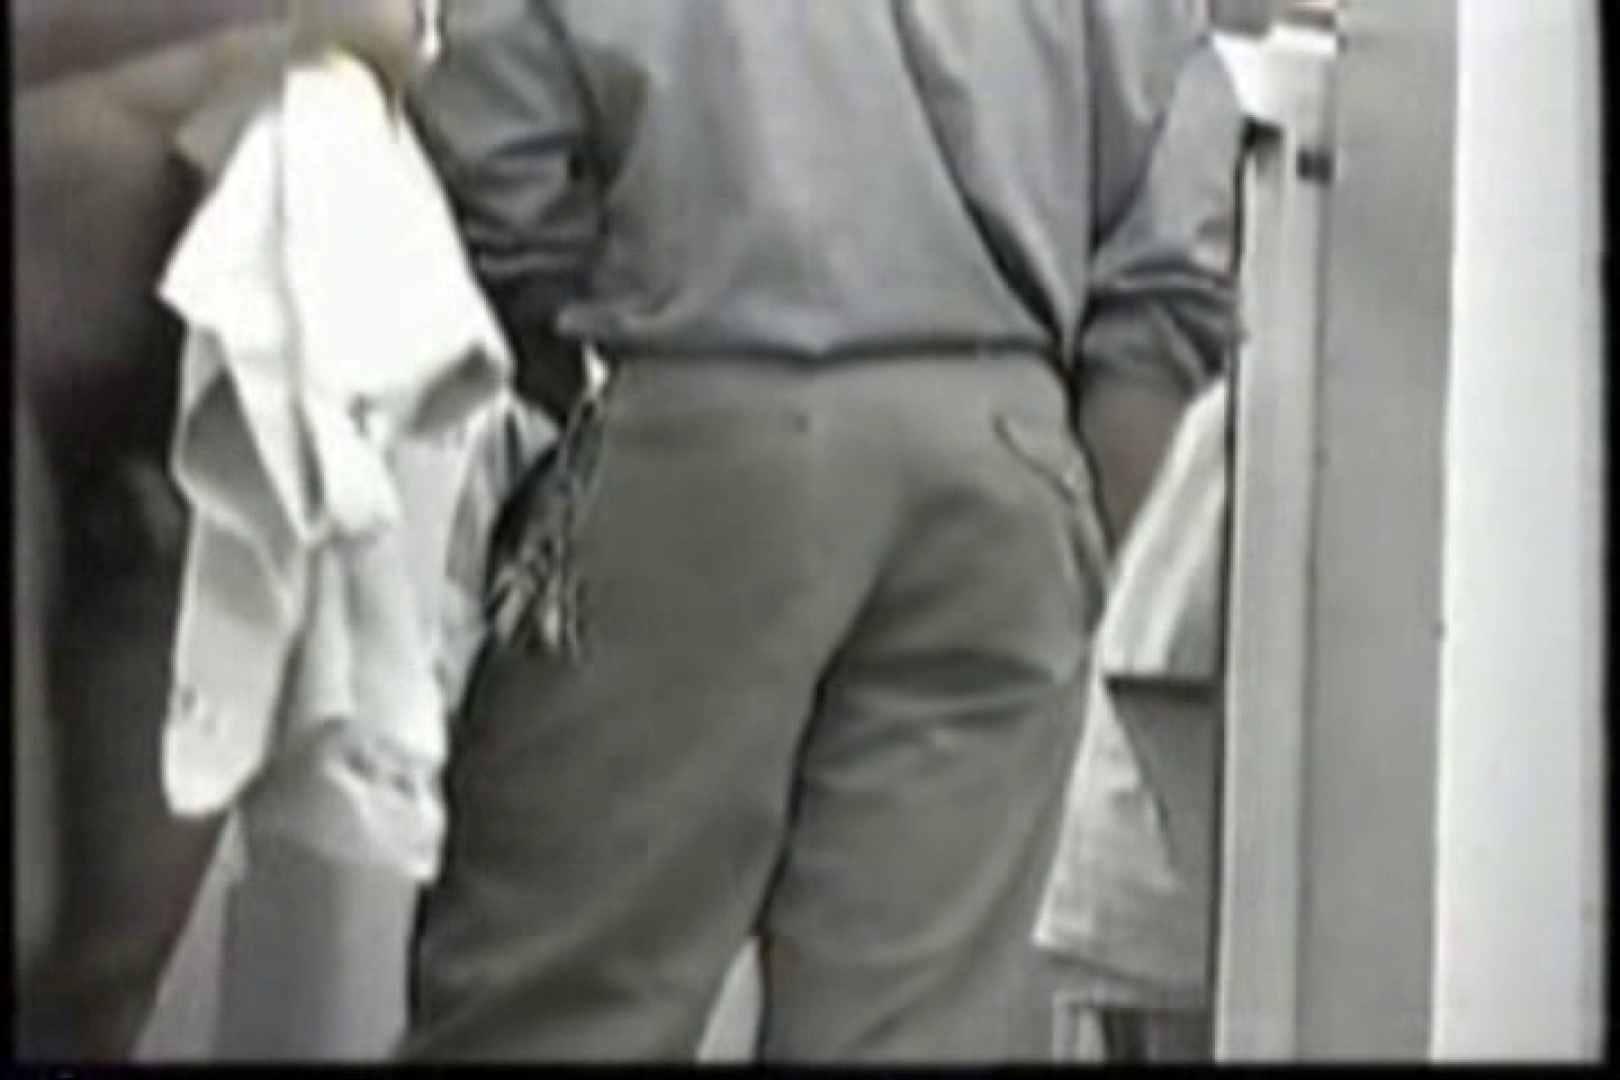 洋人さんの脱衣所を覗いてみました。VOL.6 肉にく男子 ゲイエロ動画 102枚 59